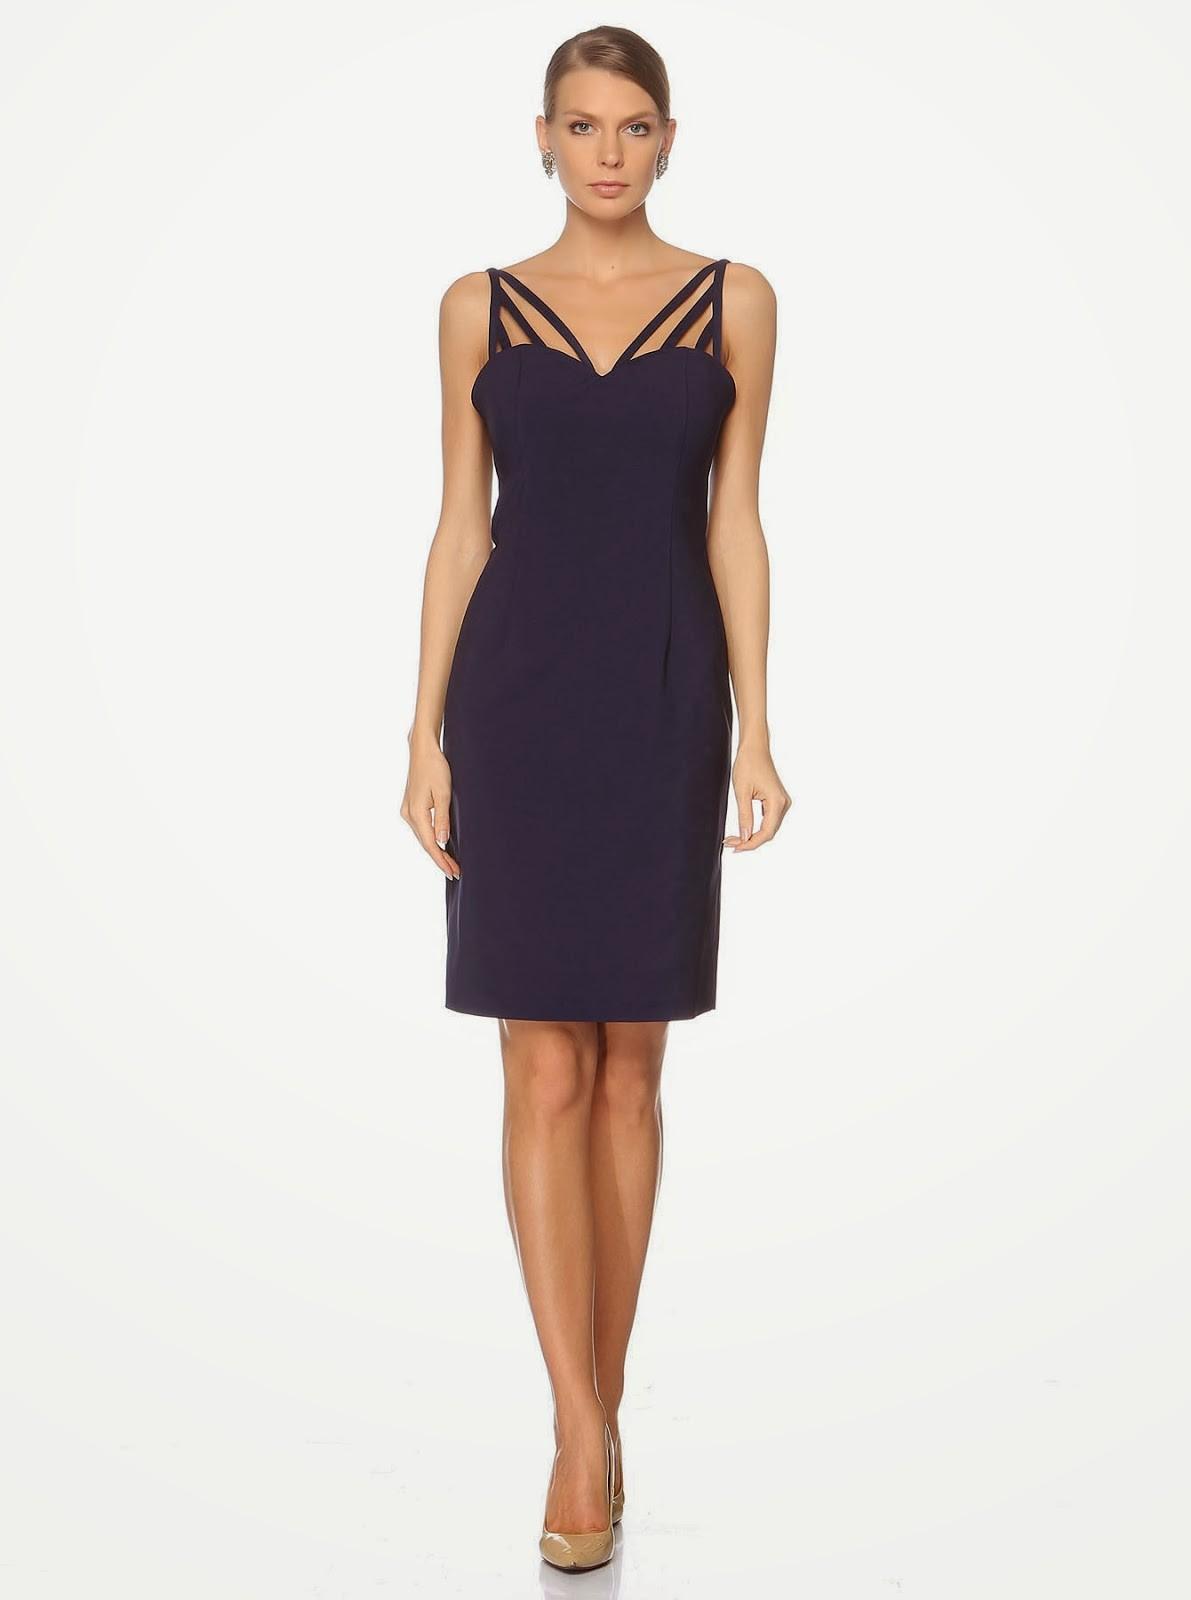 6d97c7c681ac8 Hem uzun kesim hem de kısa kesim koleksiyonuyla roman yeni sezon elbise  modelleriyle bayanların gözdesi olma yolunda.Nostaljiyi sevenler ve  kıyafetimde ...